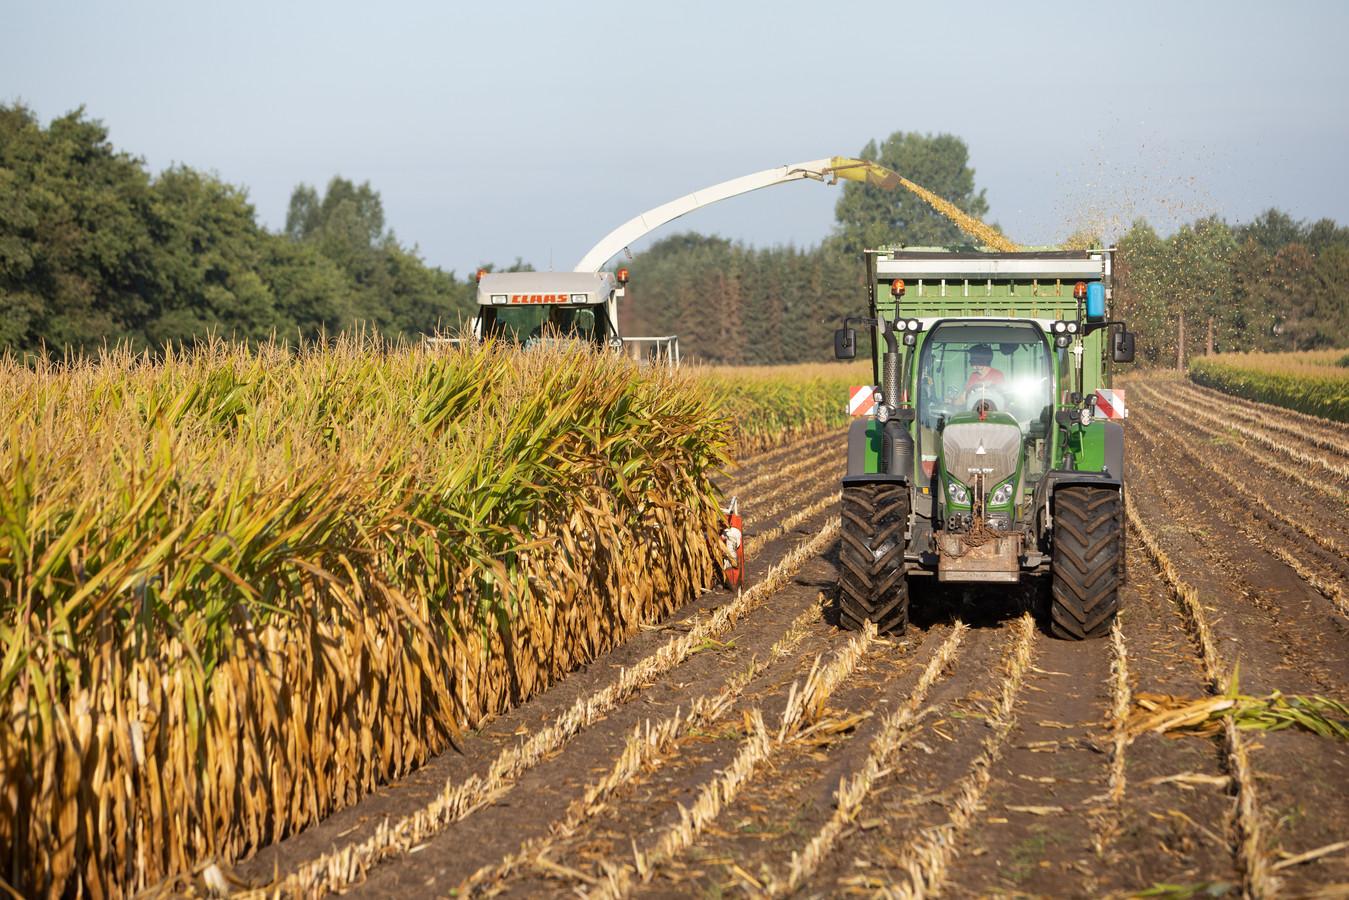 De boeren oogsten vrijwel alleen verschrompelde, droge maïs. Foto Caspar Huurdeman